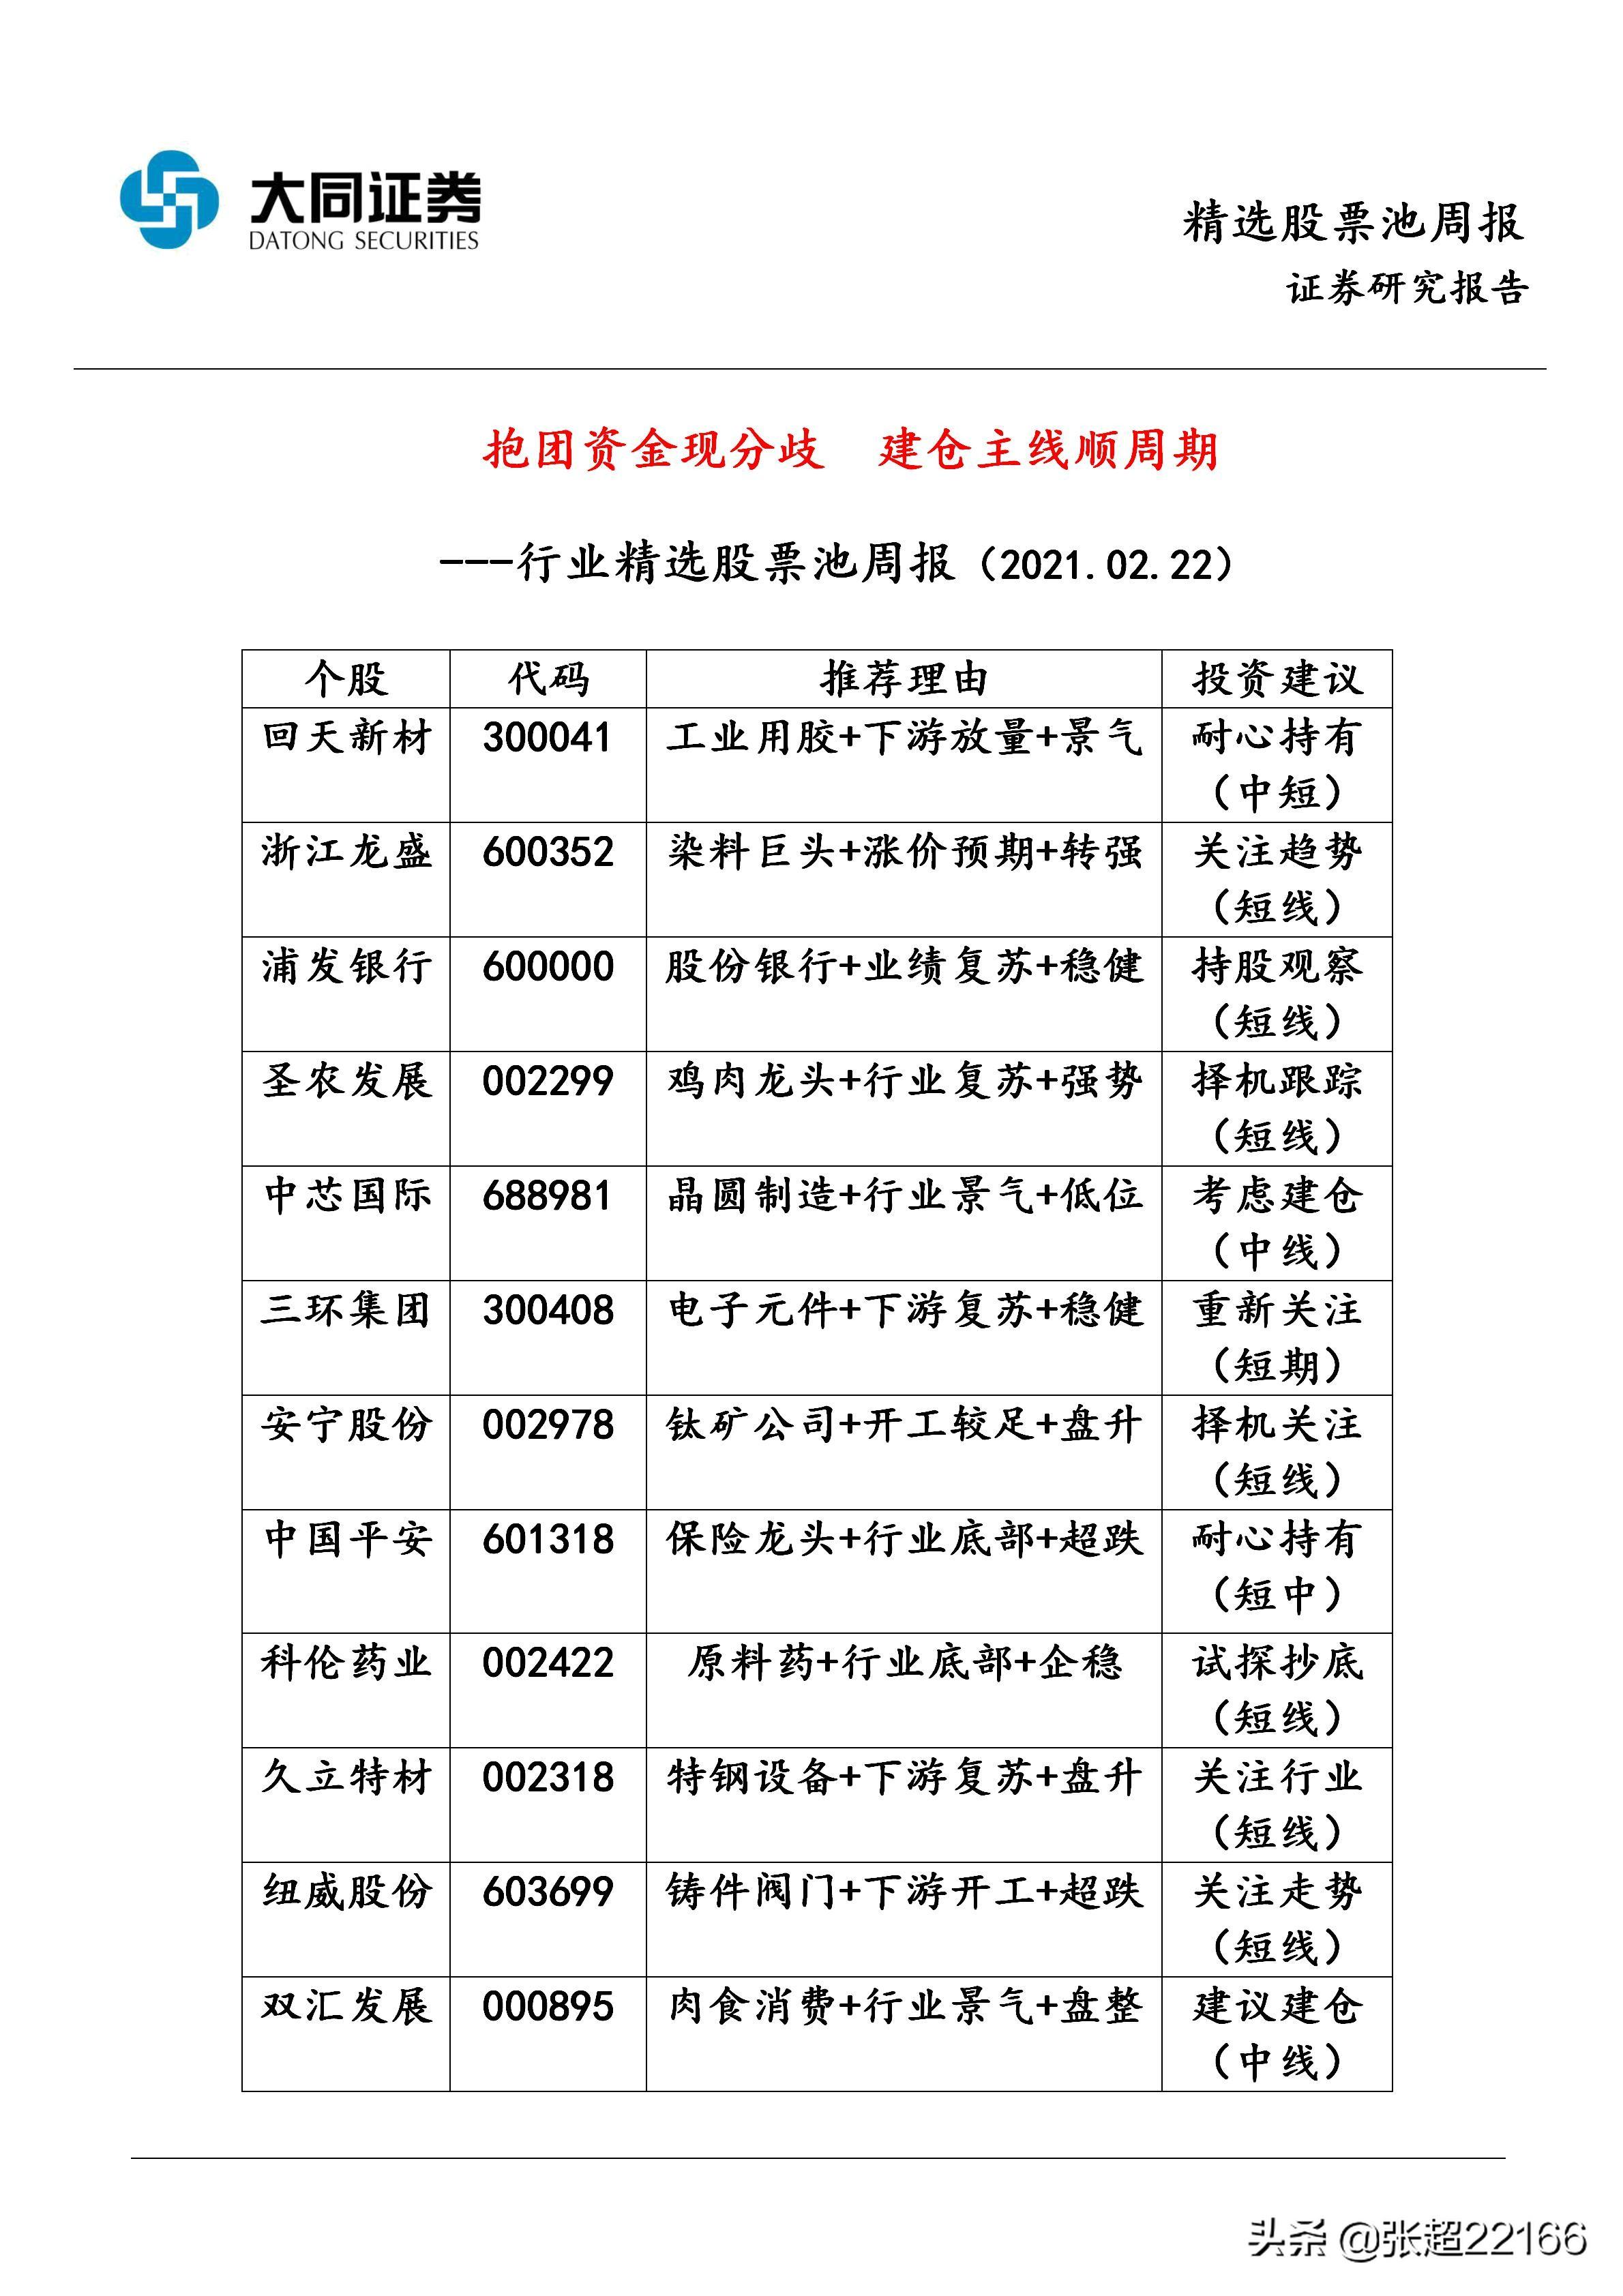 2021-02-22选定的股票池